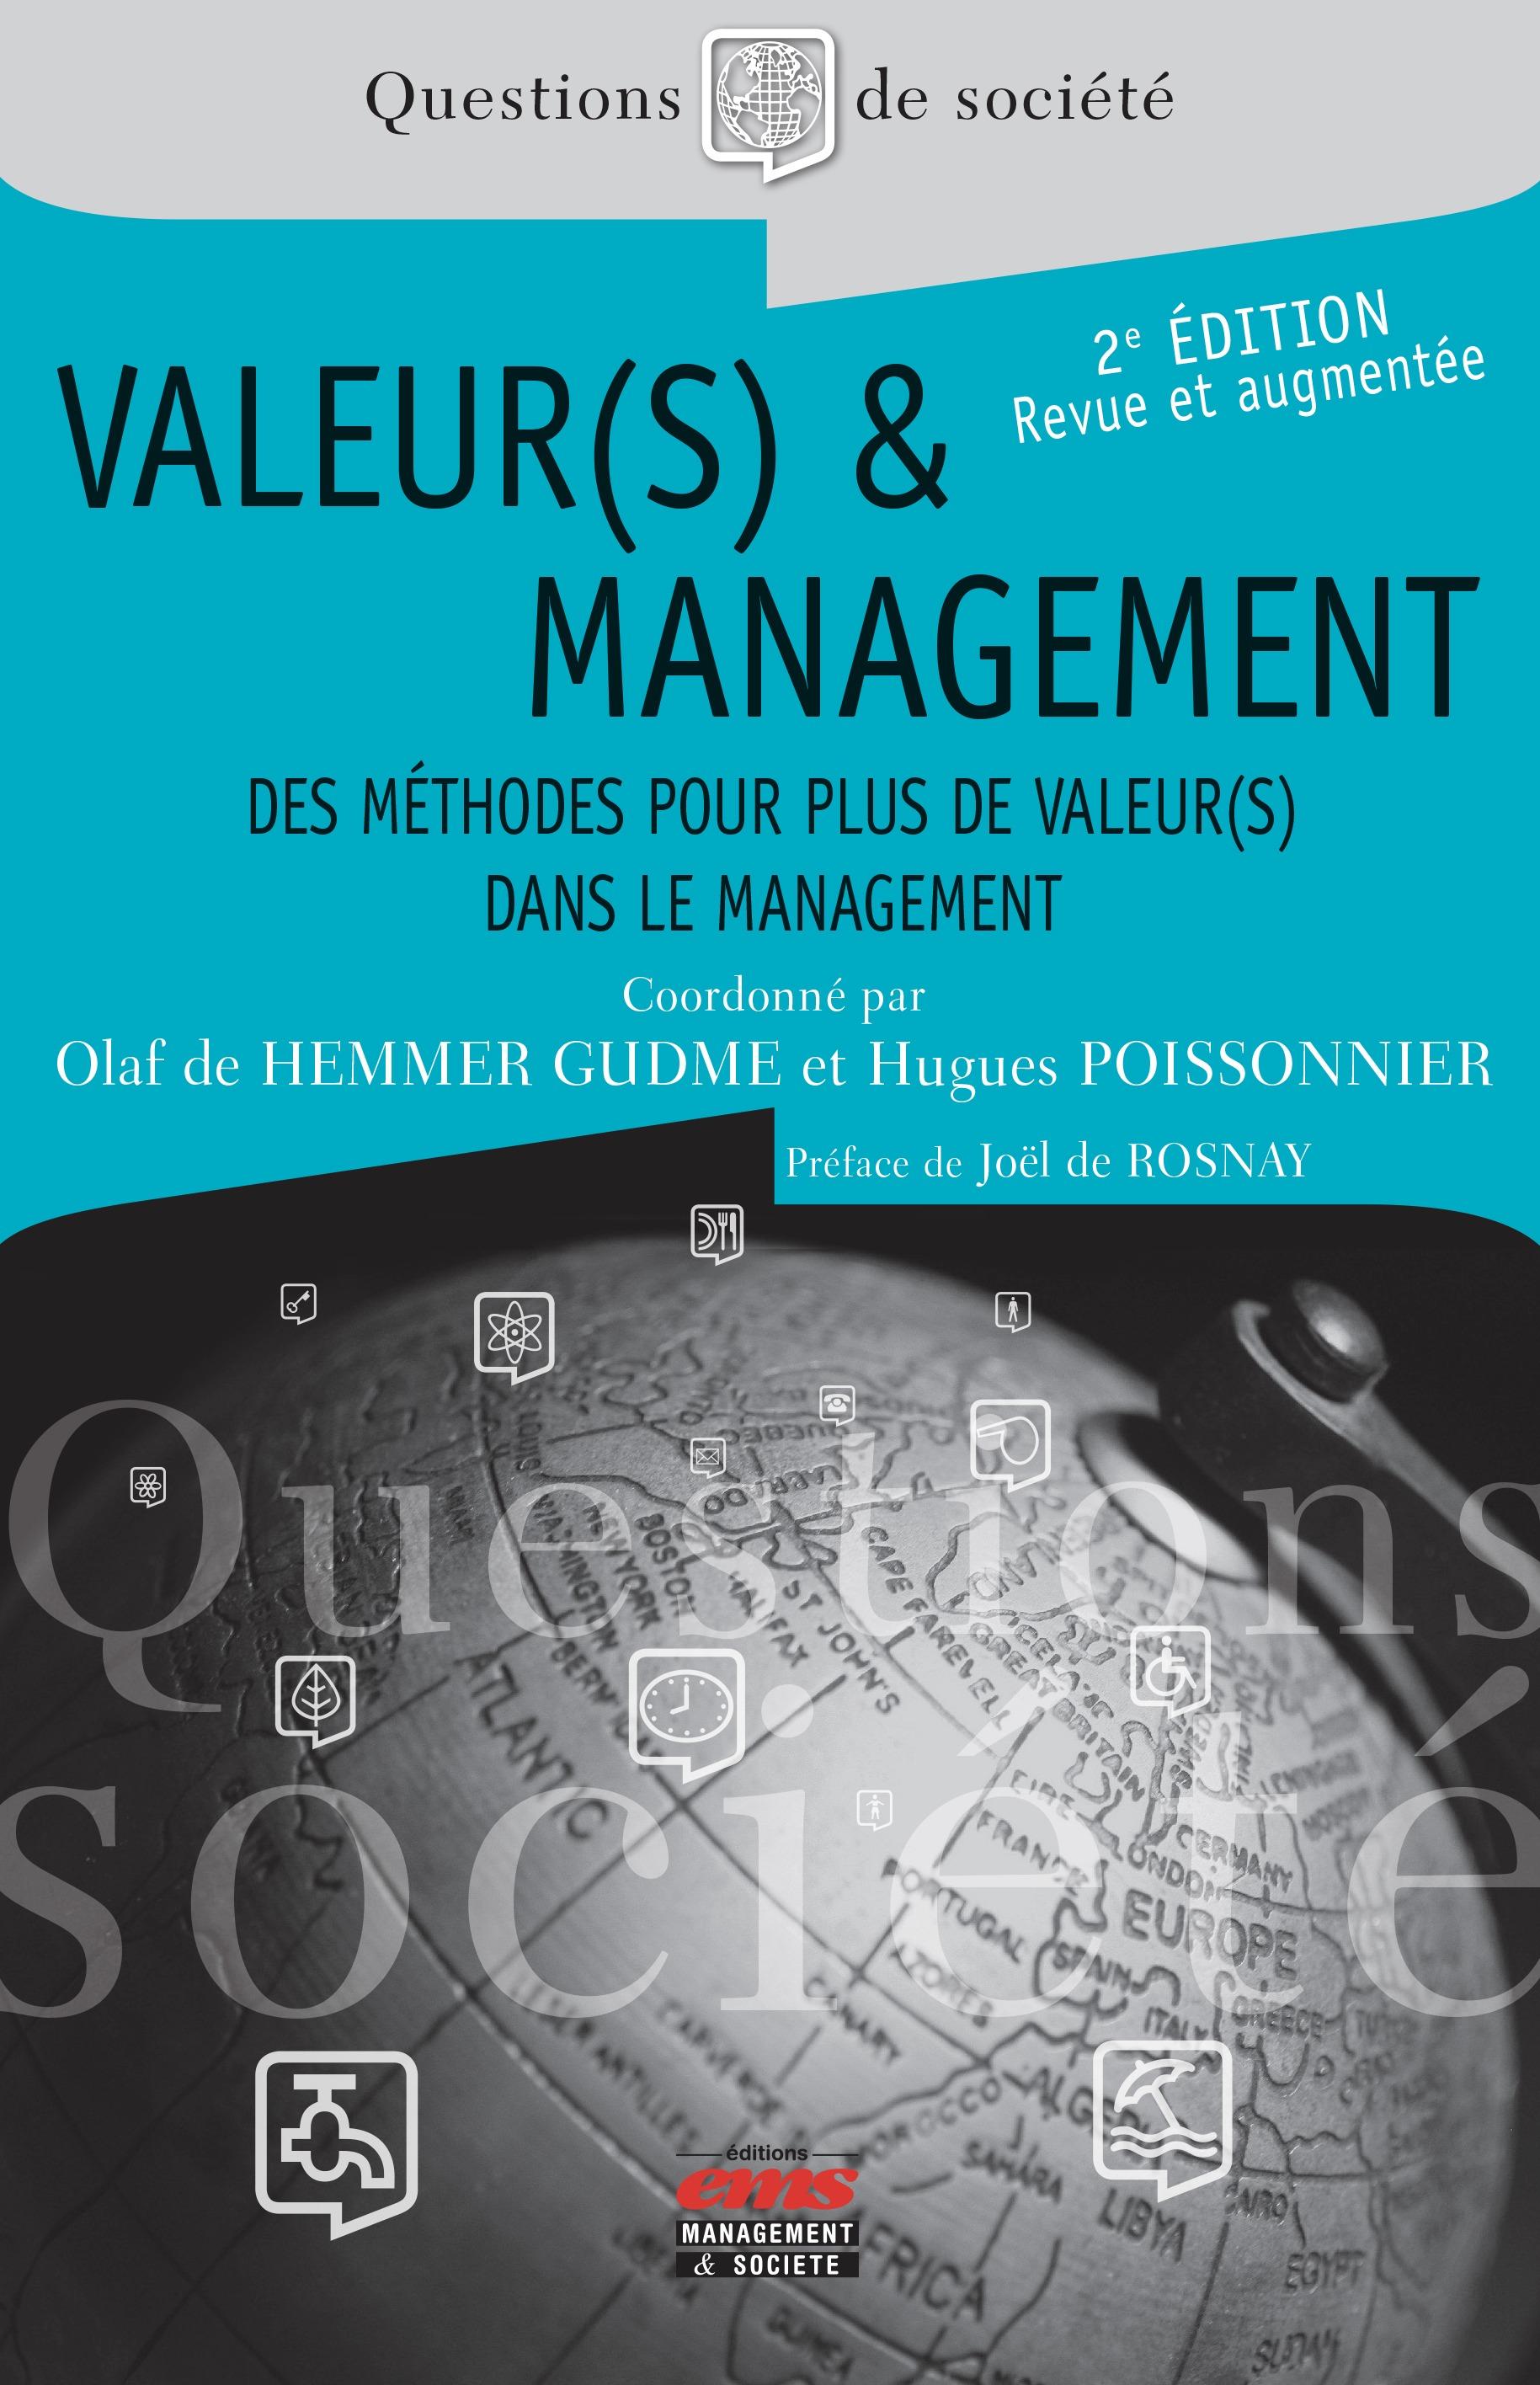 Valeur(s) et management - 2e édition